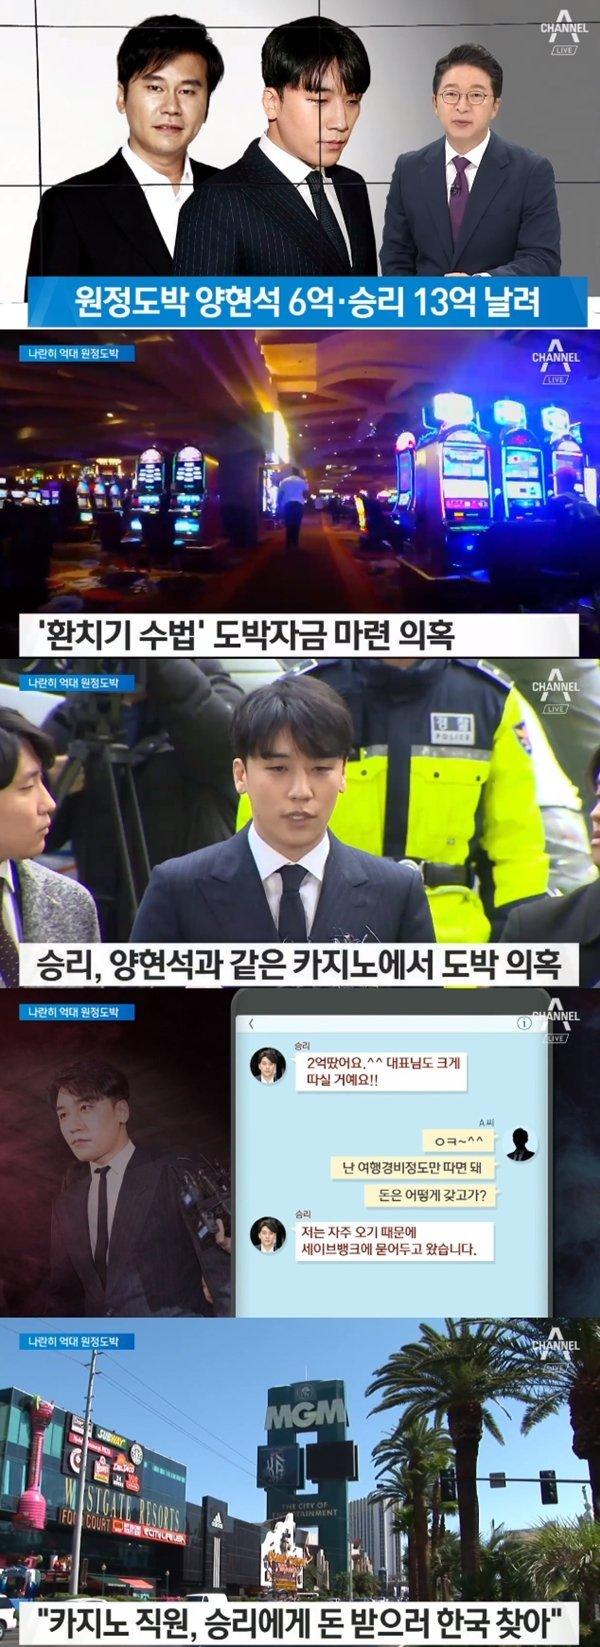 FBI vào cuộc cùng cảnh sát Hàn Quốc điều tra Yang Hyun Suk và Seungri tội đánh bạc ở nước ngoài 1